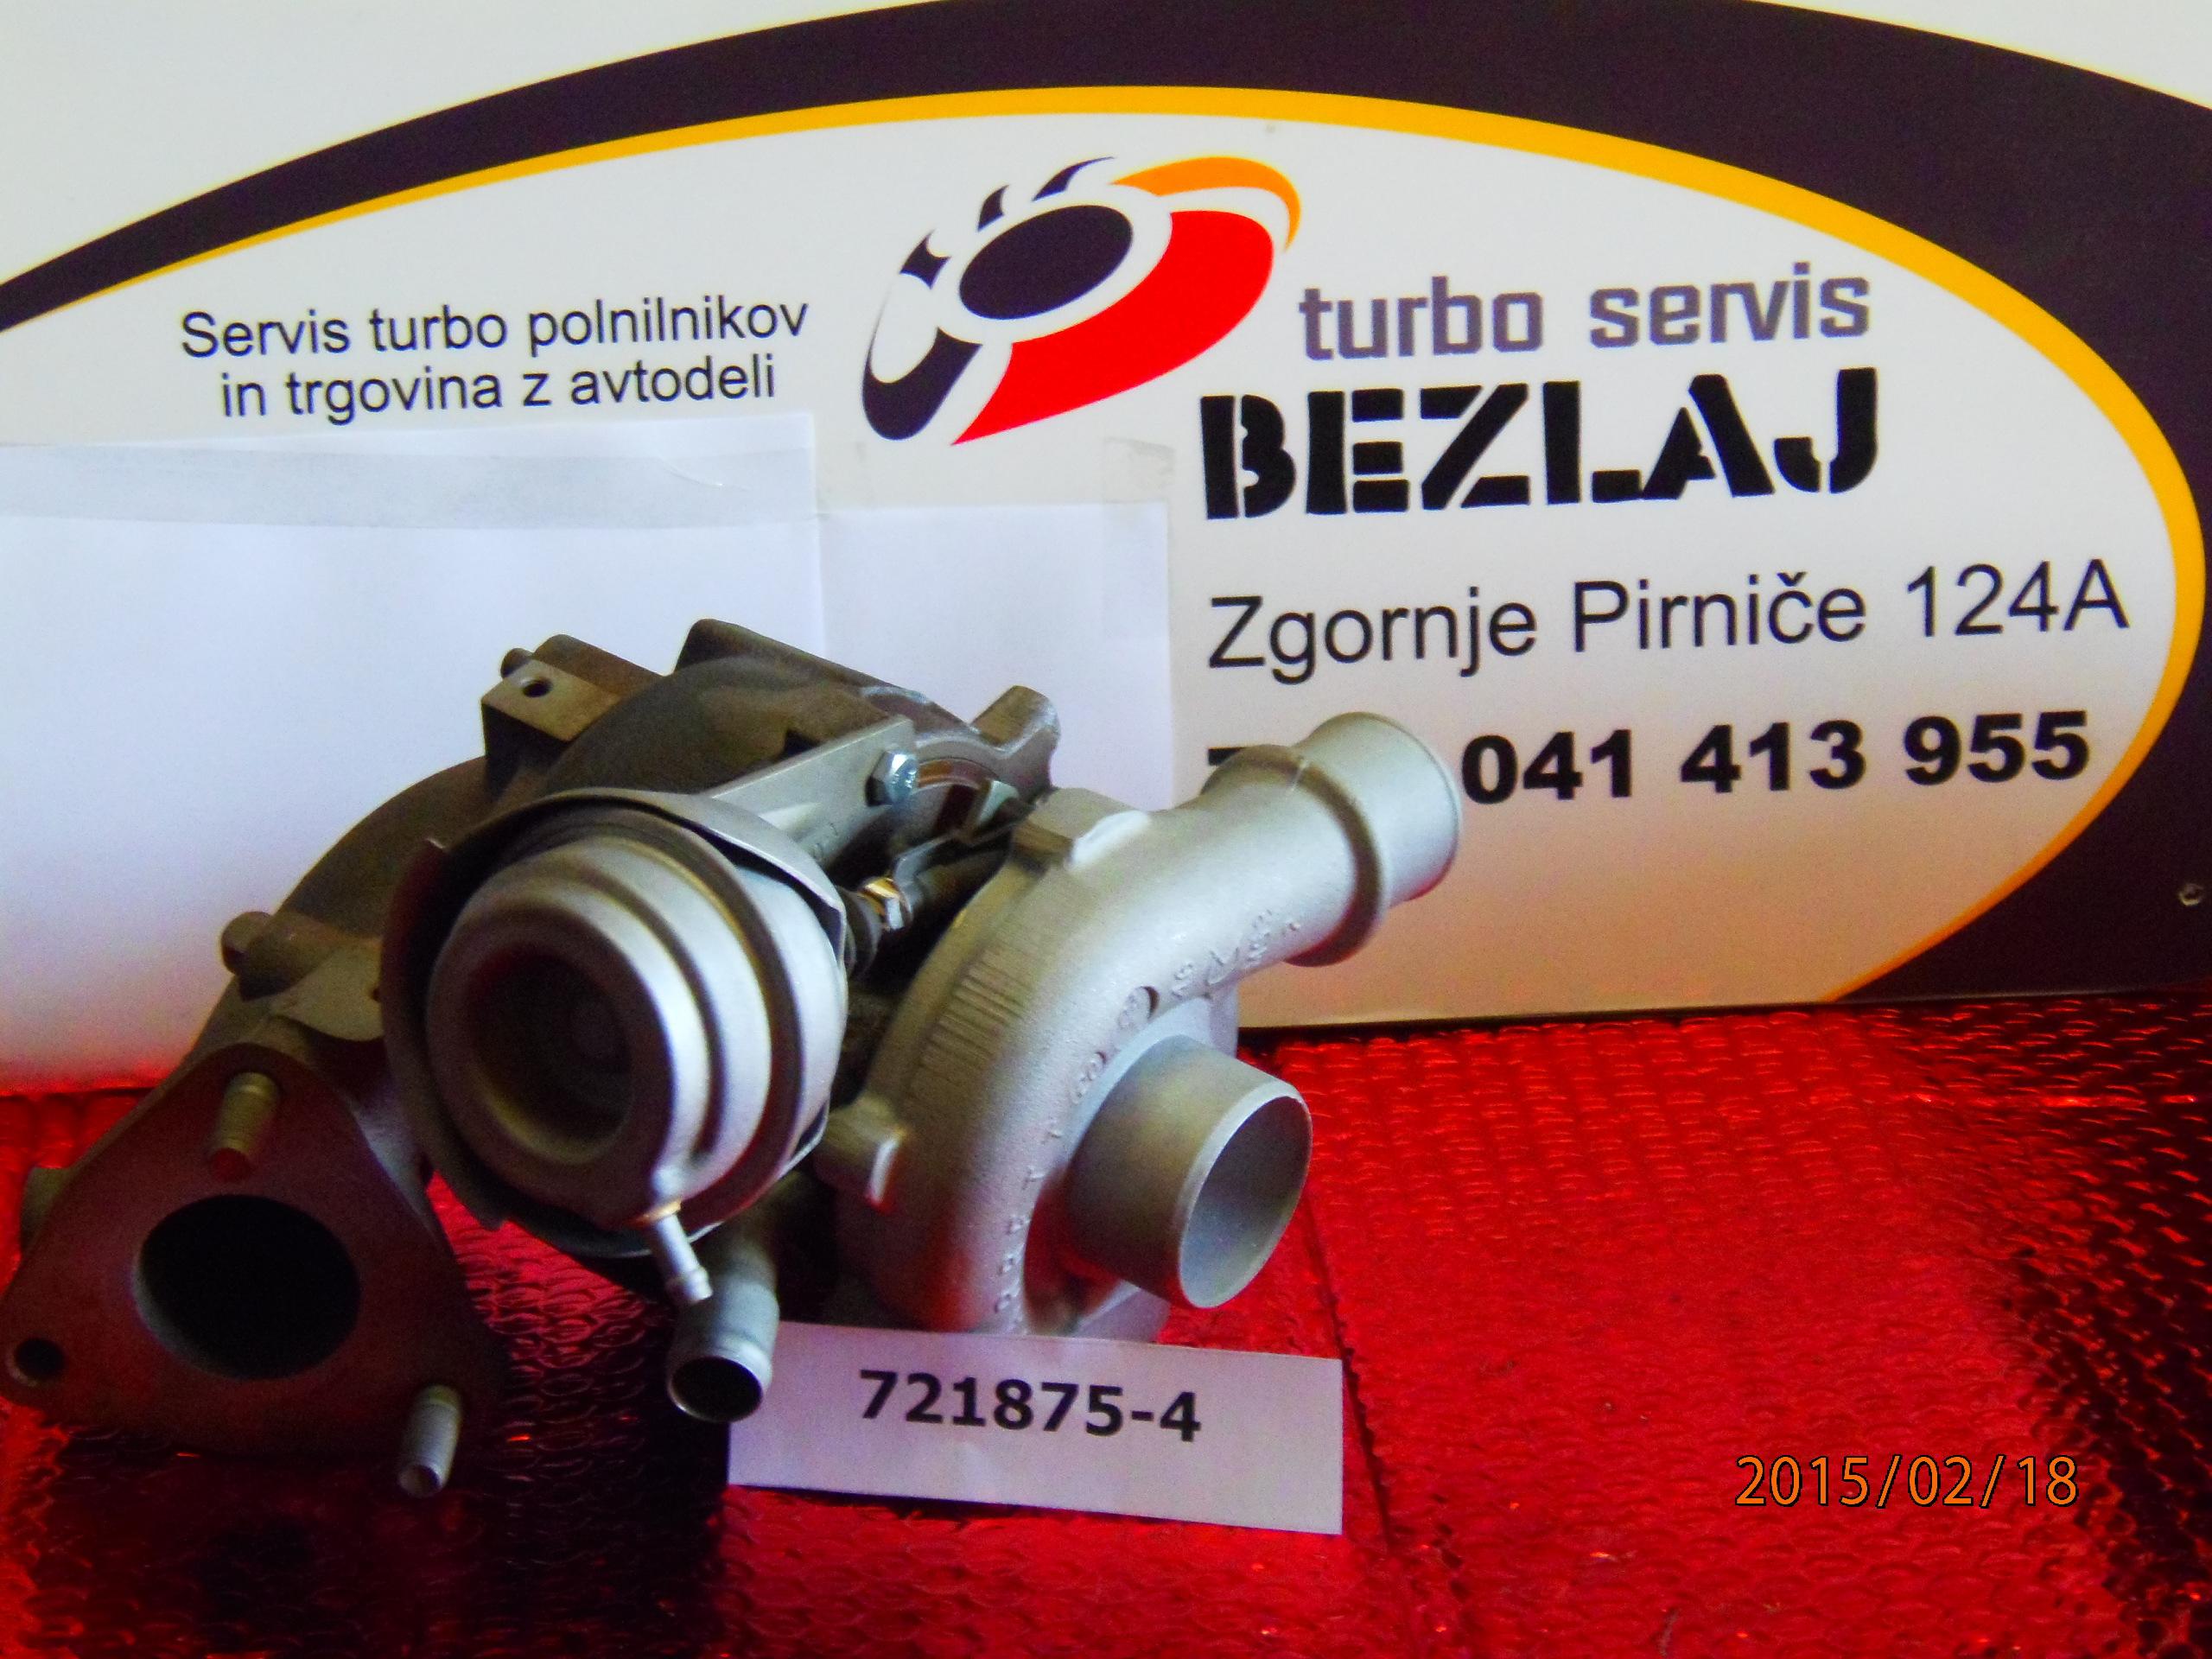 turbo721875-4 1